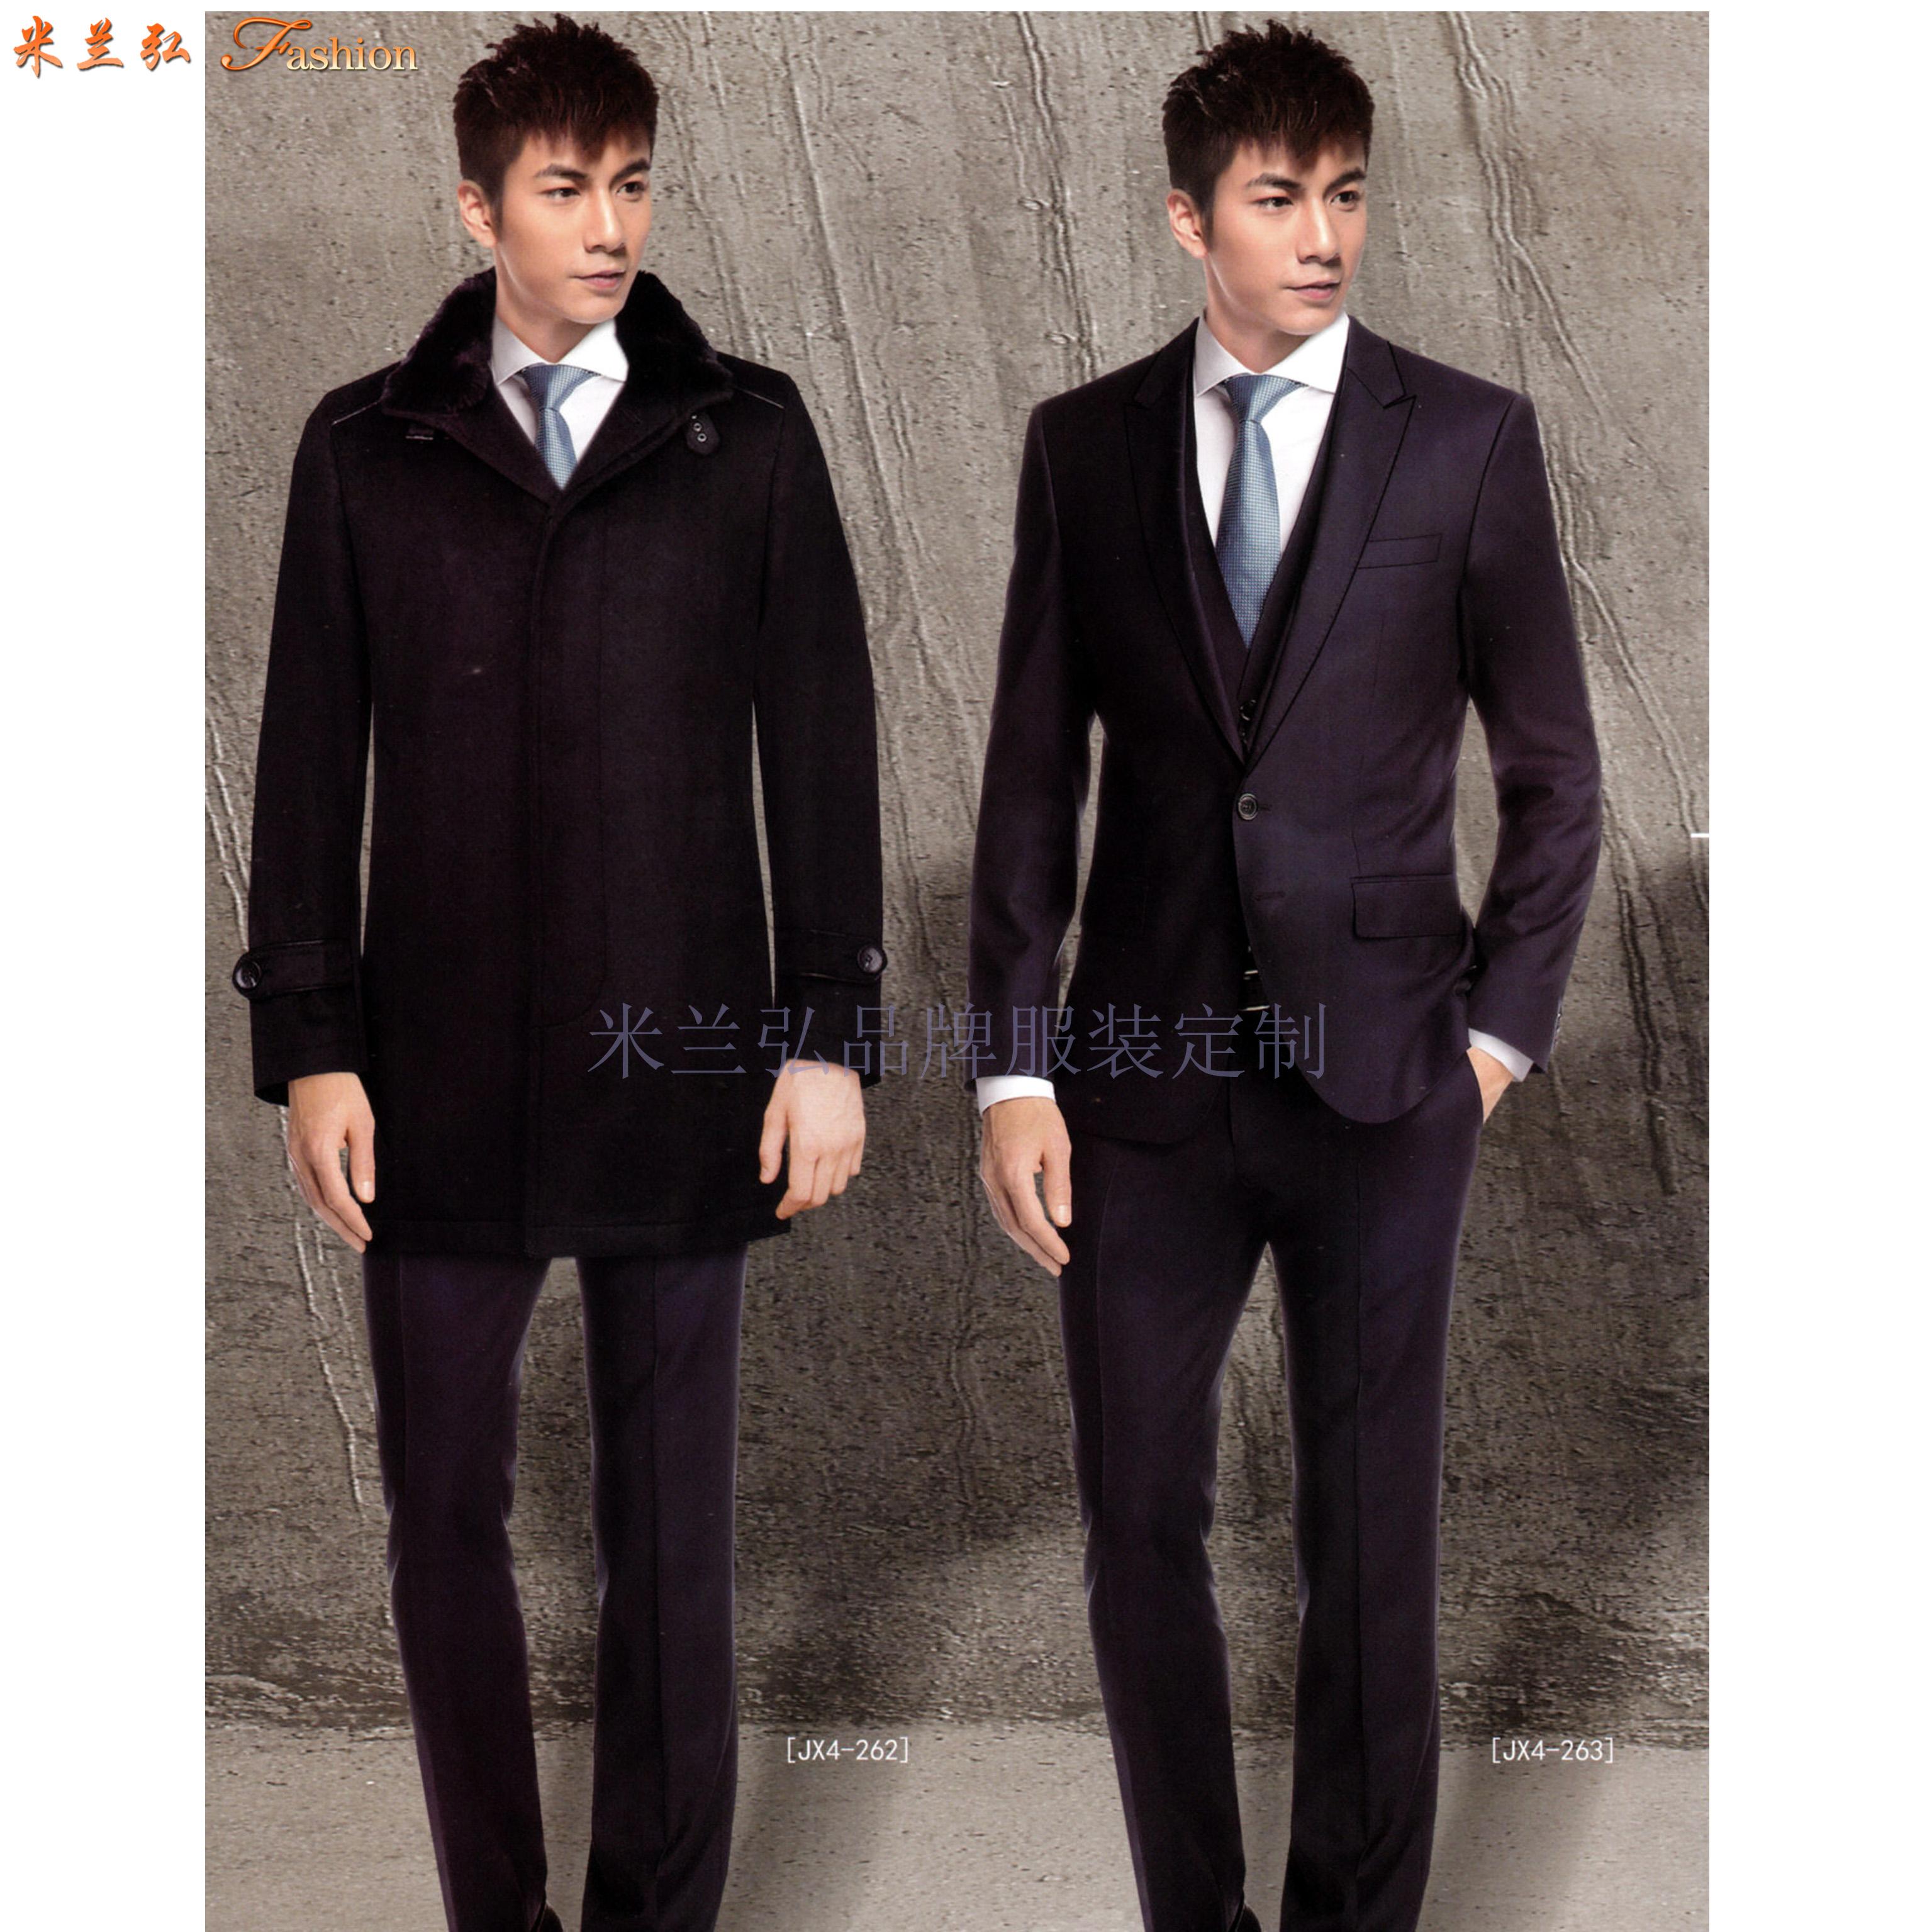 「河北大衣定制」「保定市大衣订做」推荐厚实暖和米兰弘服装-4